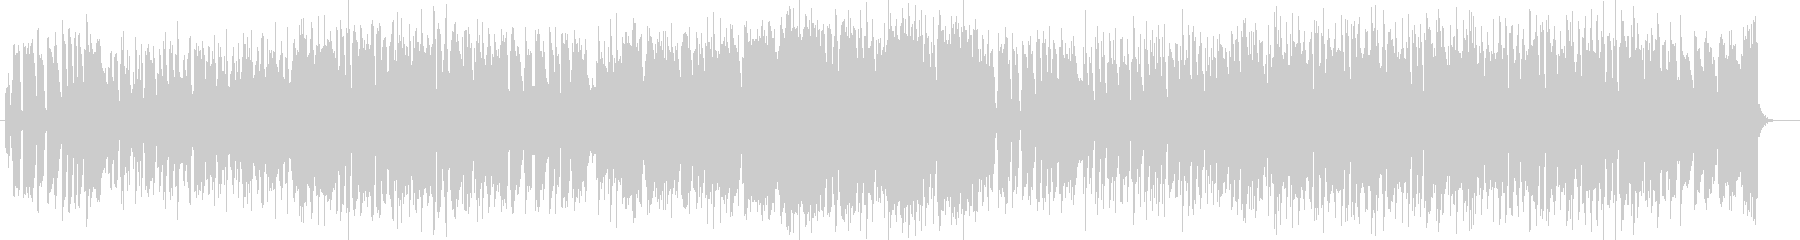 ほのぼの感のシンセサイザーギターポップの未再生の波形